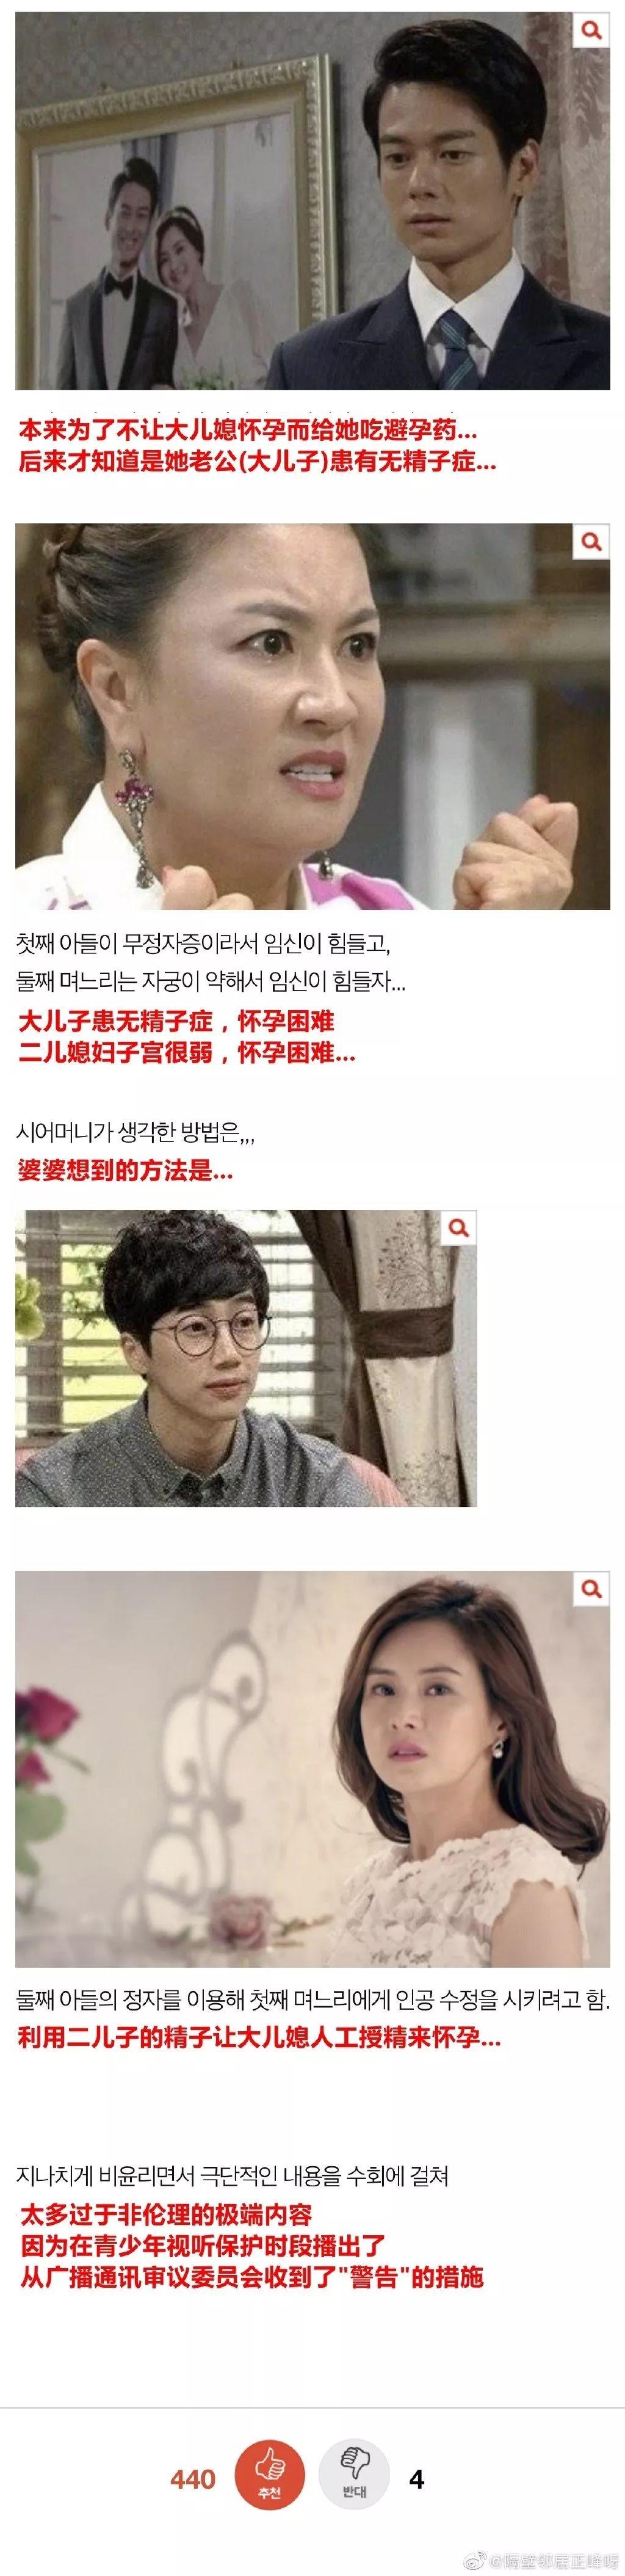 感受一下韓國收視率達到25%的晨間電視劇,這劇情狗血又迷惑!